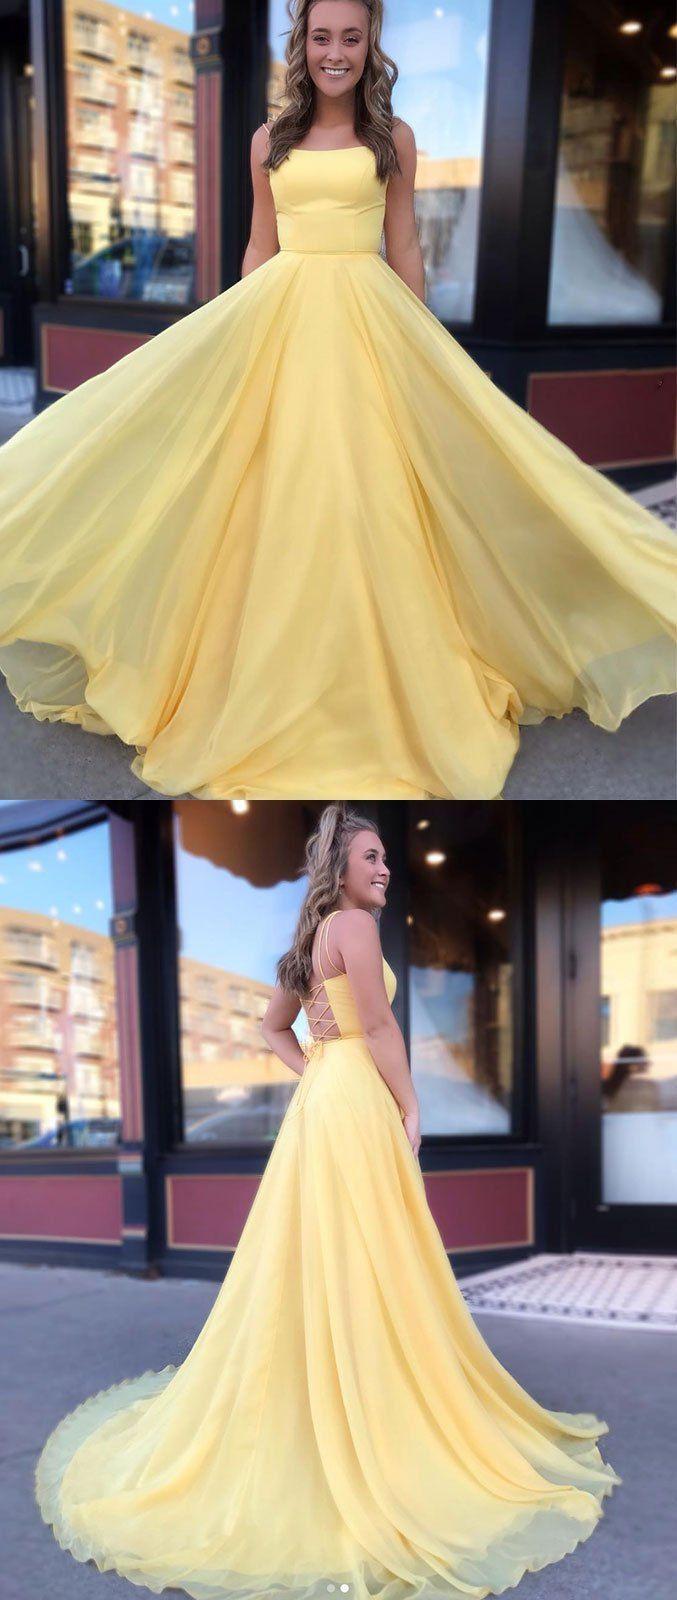 Abend Coolste Gelbes Abendkleid Stylish15 Ausgezeichnet Gelbes Abendkleid Galerie